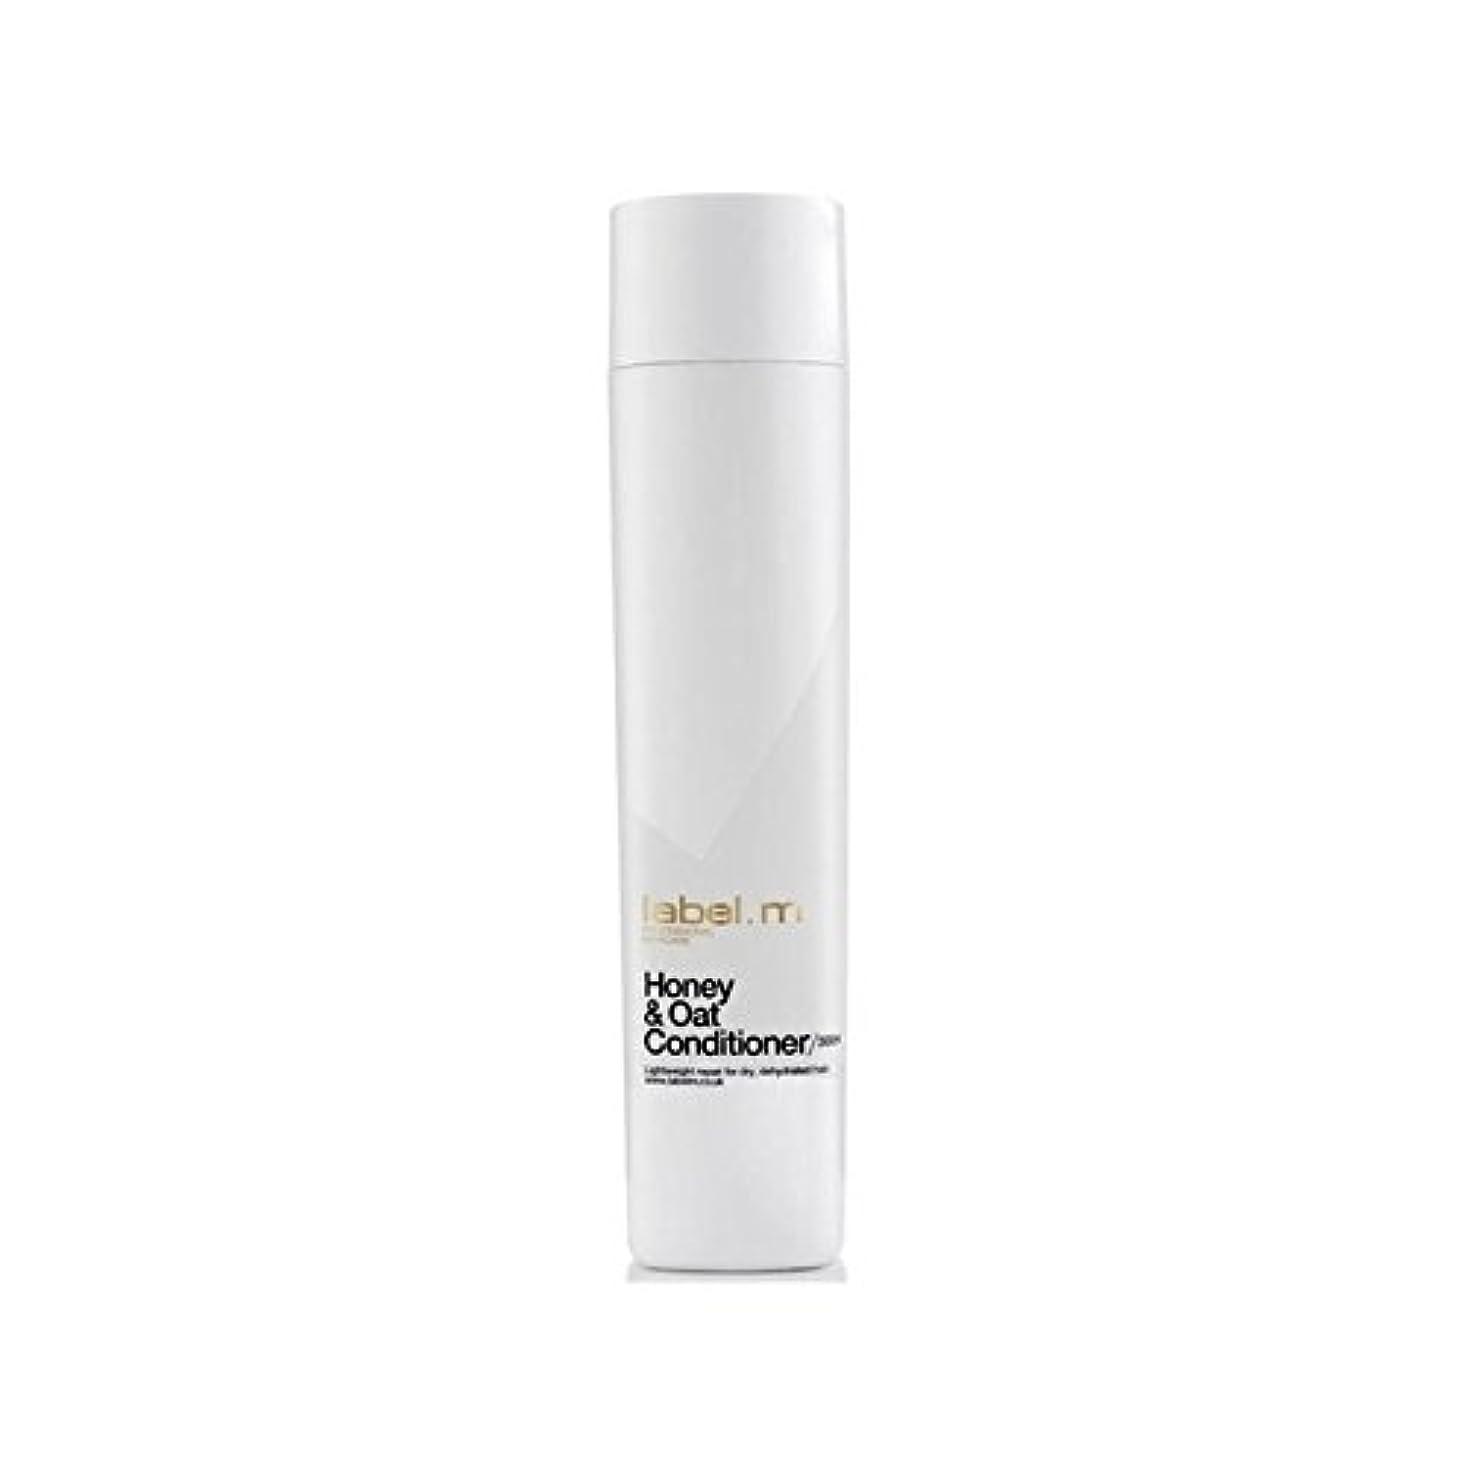 化学蒸気仲間、同僚.ハニー&オーツ麦コンディショナー(300ミリリットル) x4 - Label.M Honey & Oat Conditioner (300ml) (Pack of 4) [並行輸入品]